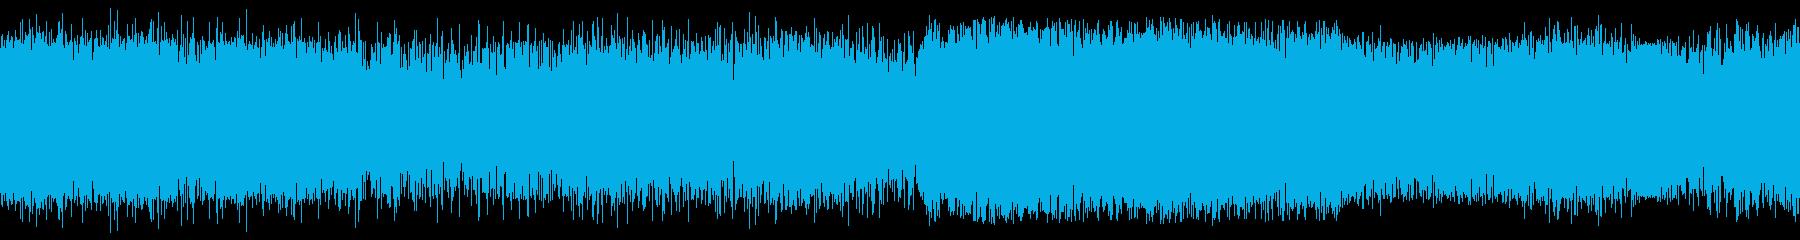 小型飛行機(セスナ)の着陸時の音の再生済みの波形